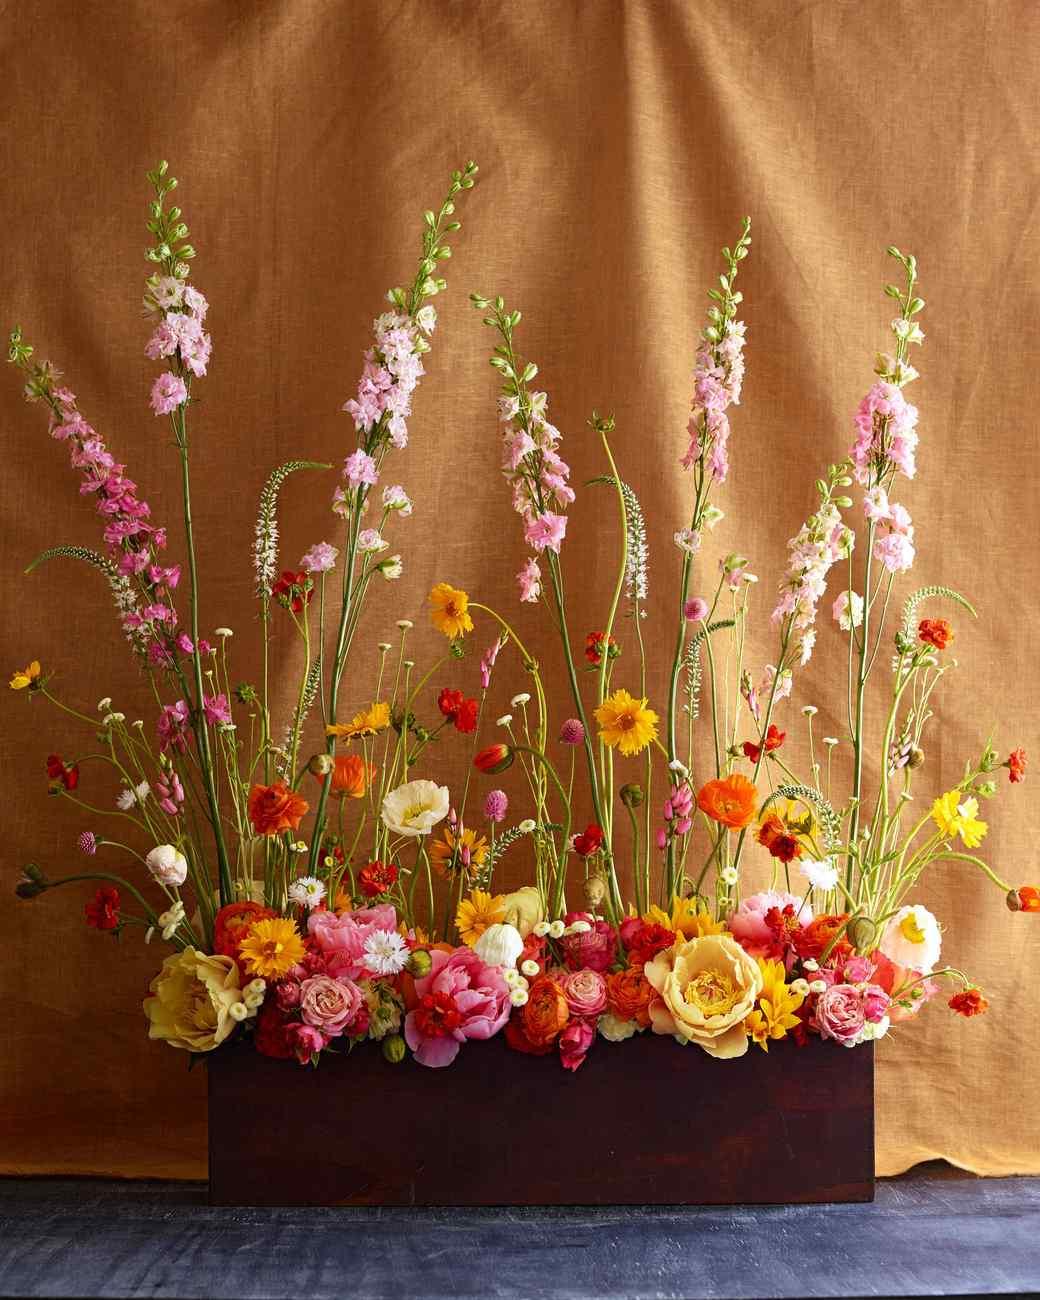 dandelion-ranch-clover-chadwick-roadside-5633-d112251.jpg